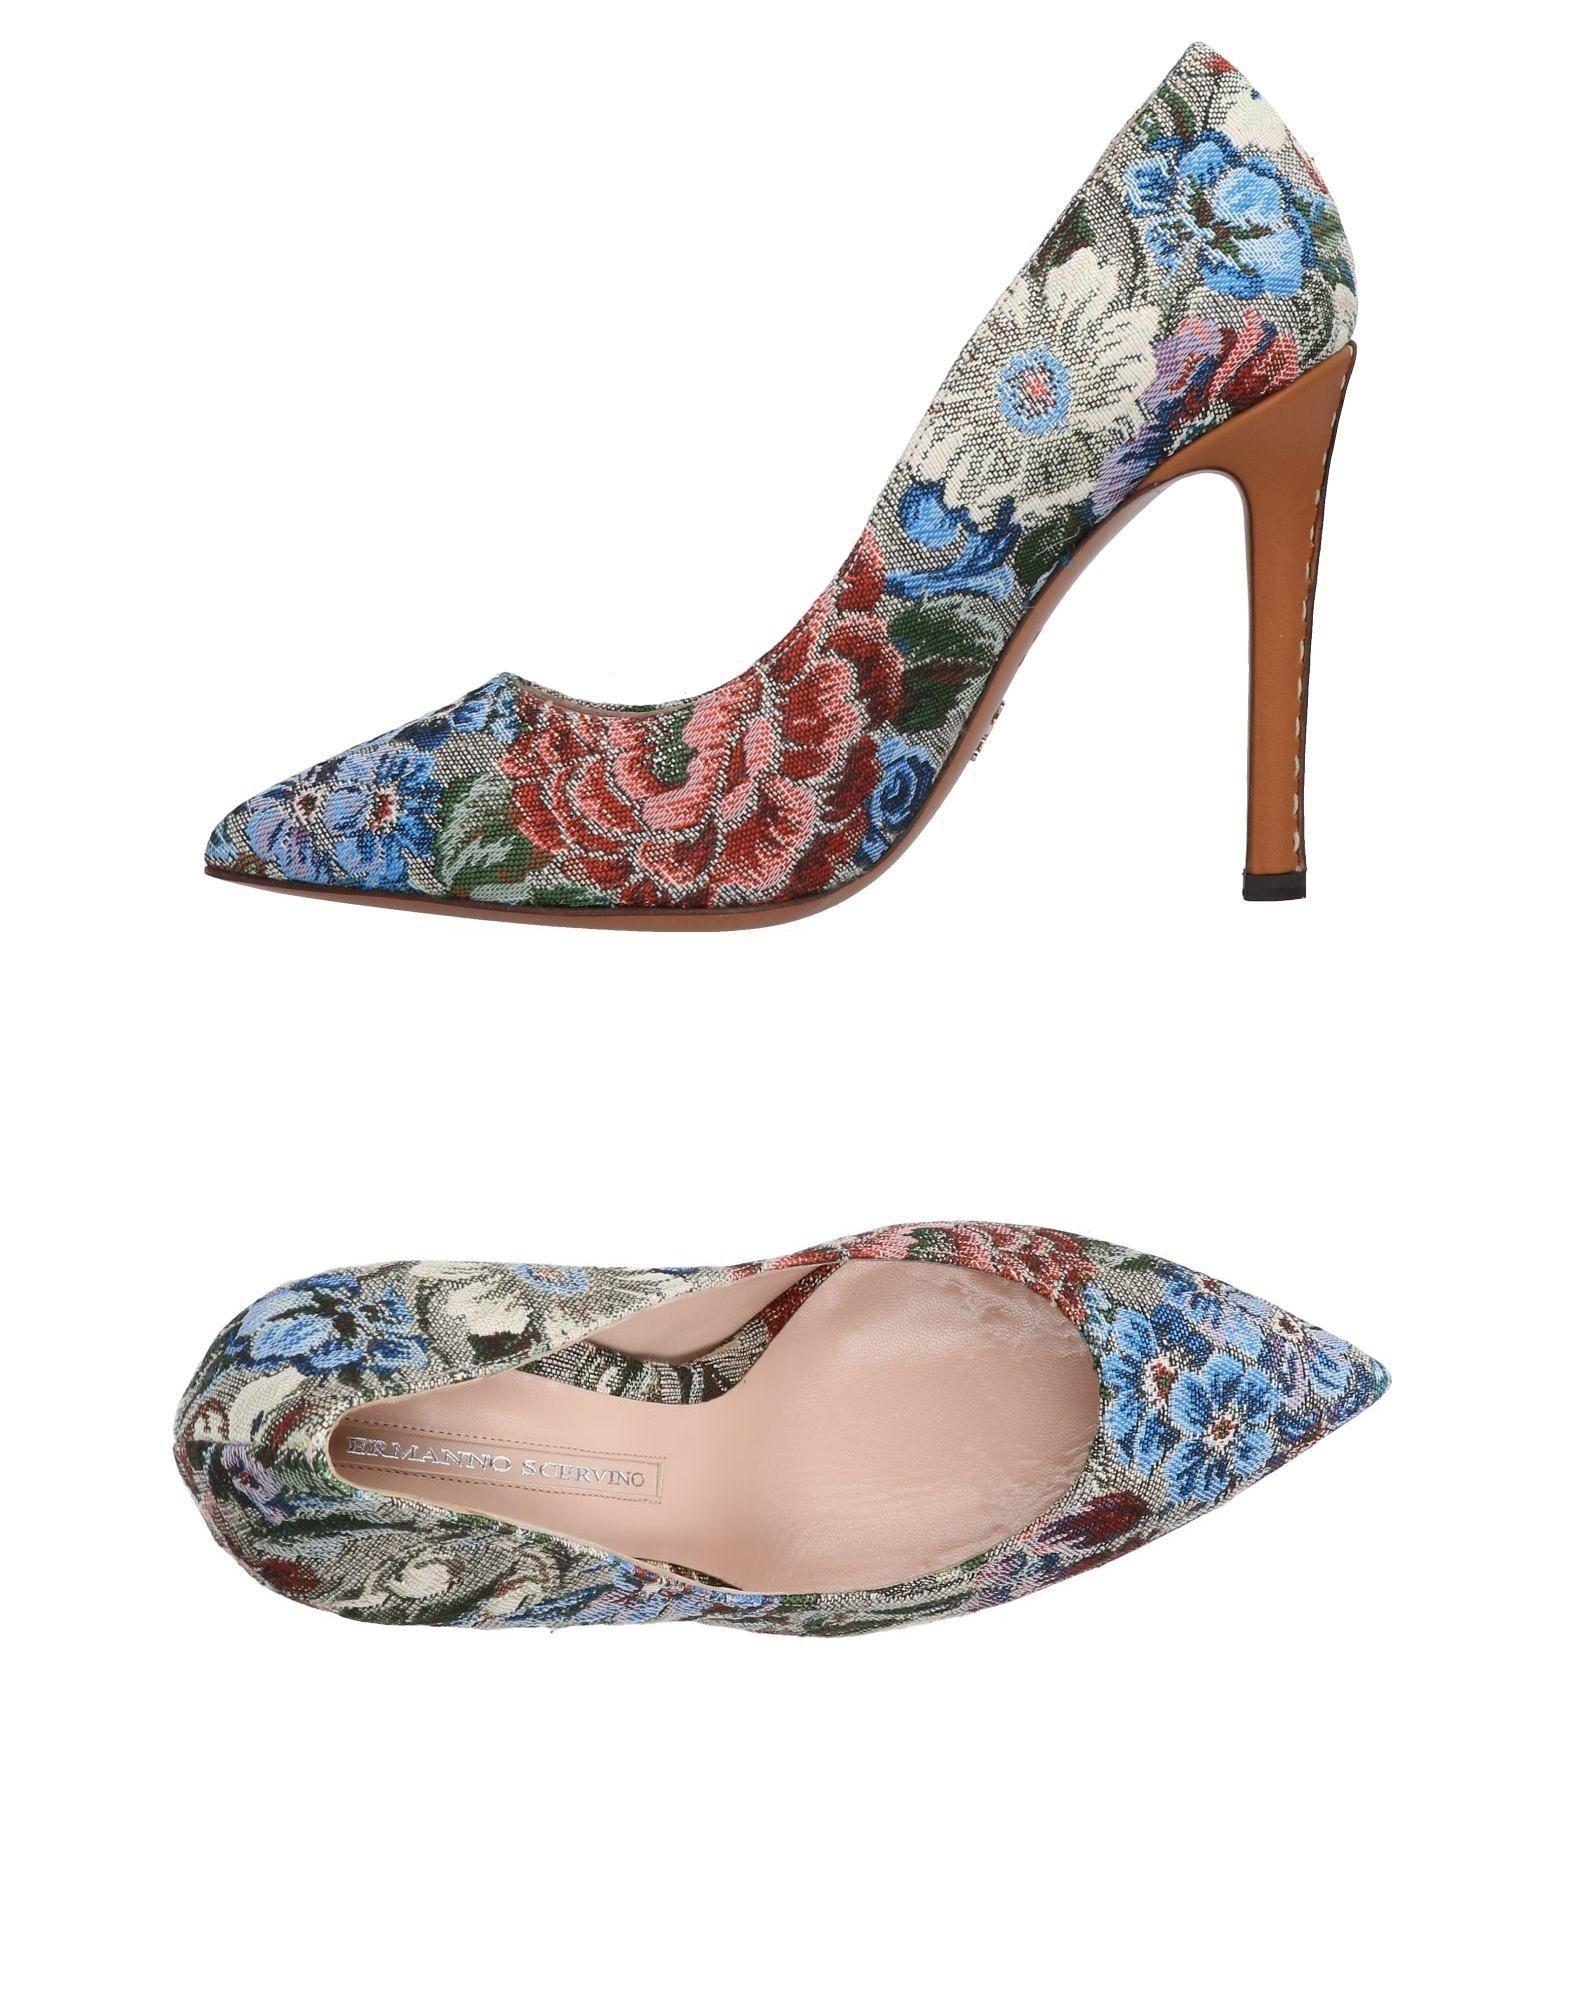 Gut um billige Schuhe Damen zu tragenErmanno Scervino Pumps Damen Schuhe 11446658TG fb9f95